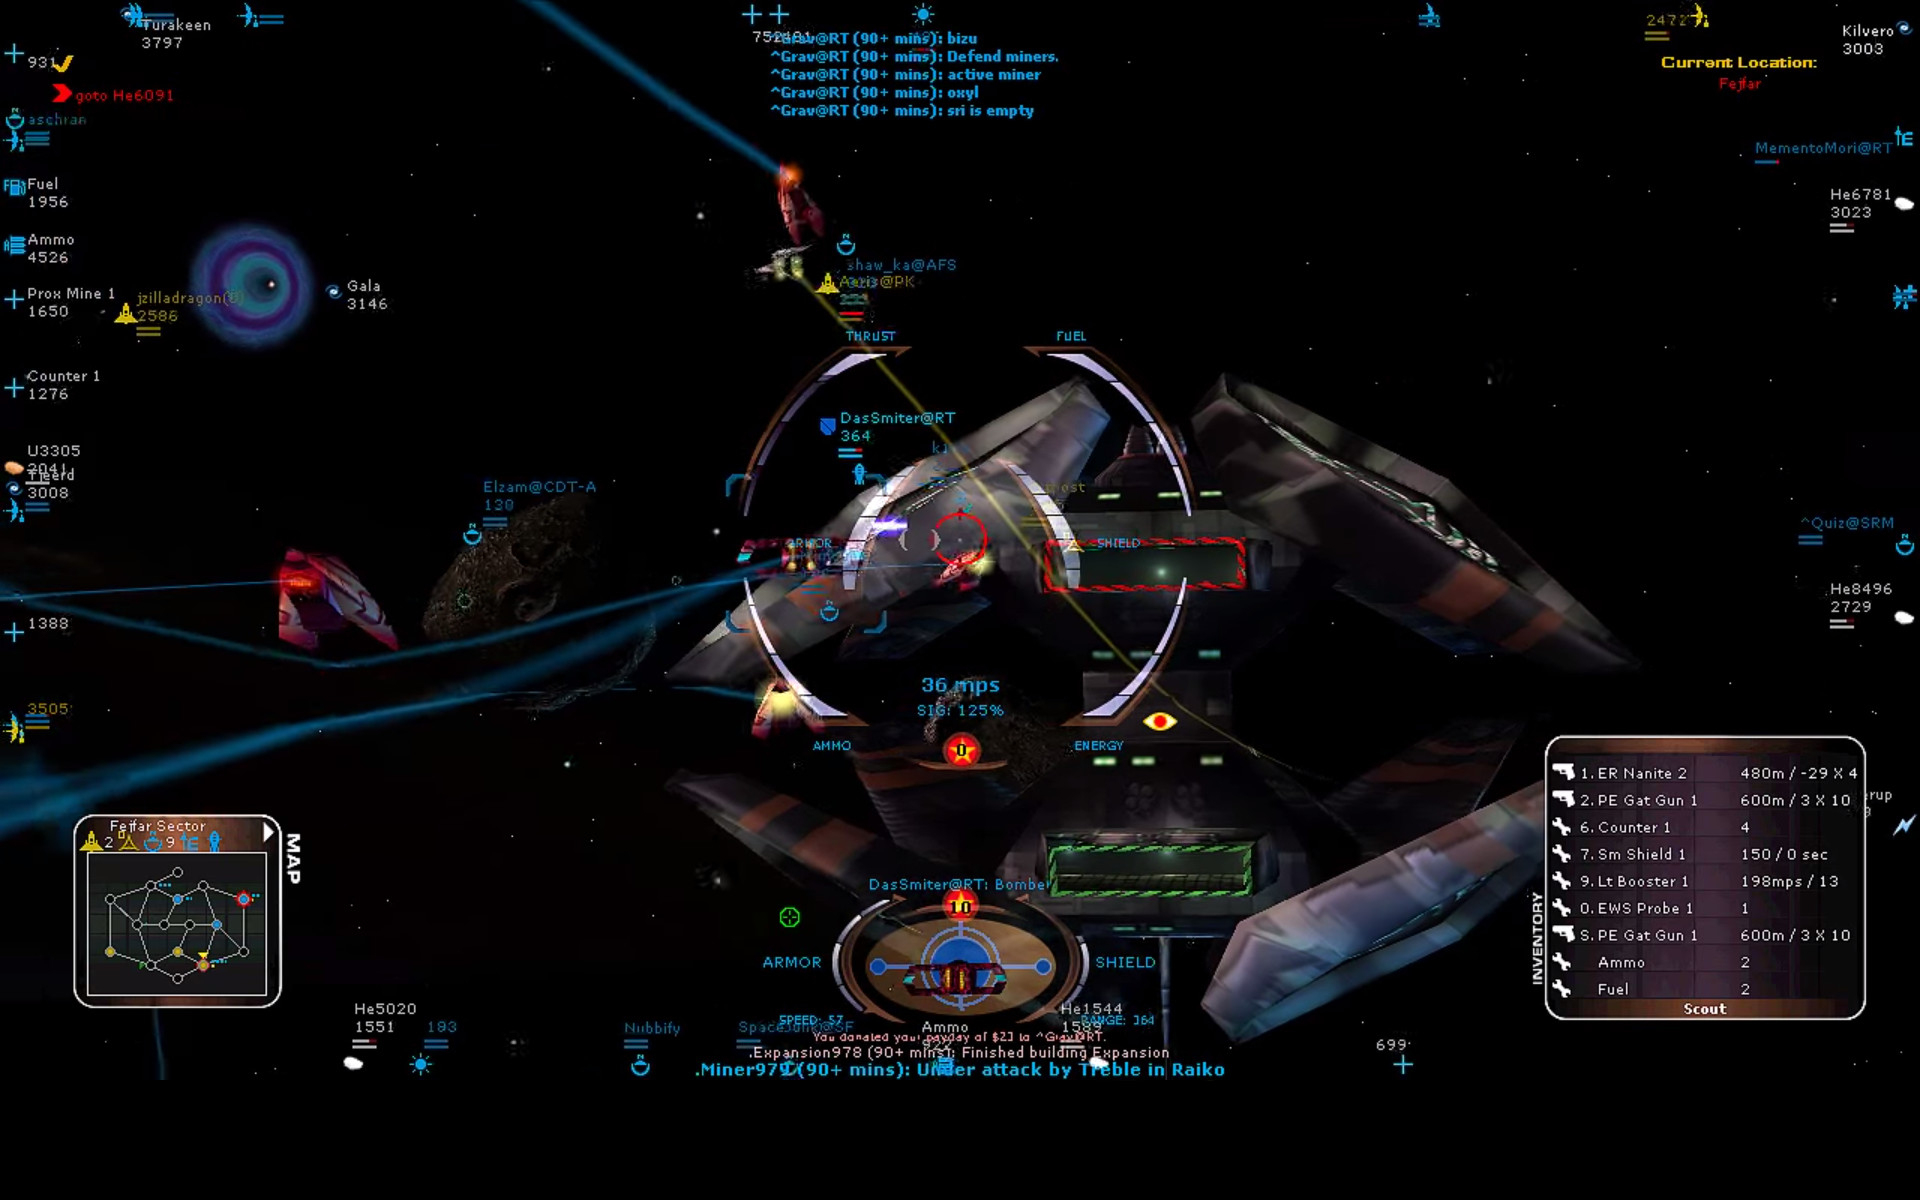 Allegiance, Le Fps/rts Multijoueur Spatial De Microsoft tout Jouer Jeux De Strategie En Ligne Gratuit